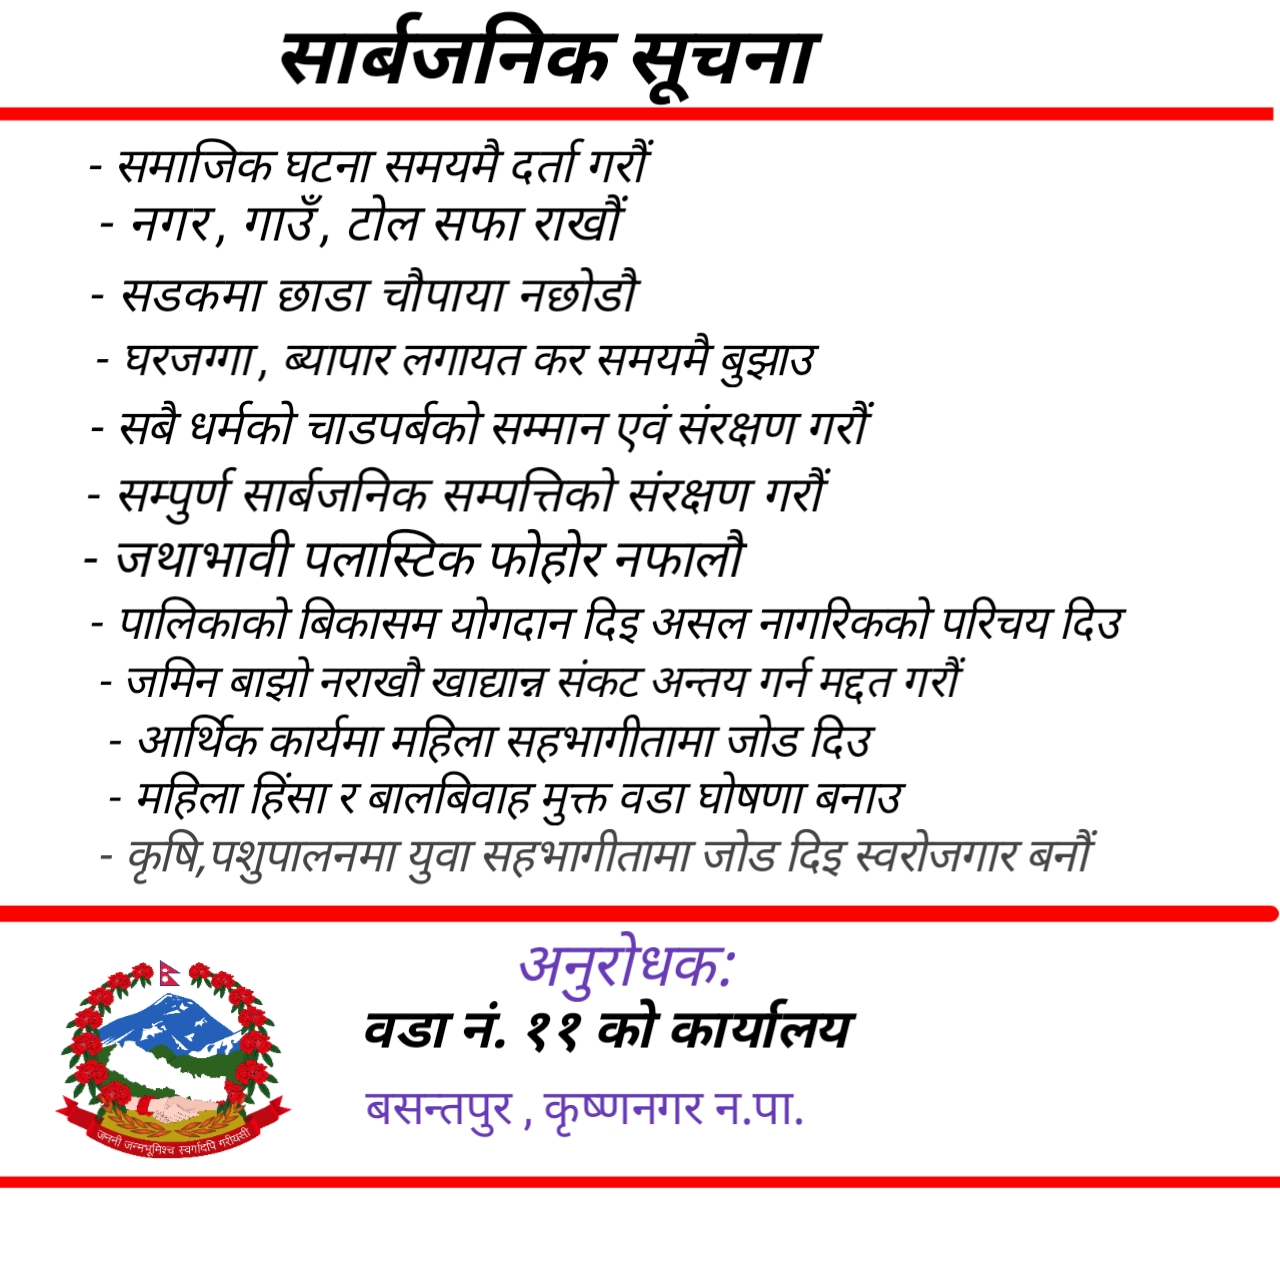 krishnagar-11